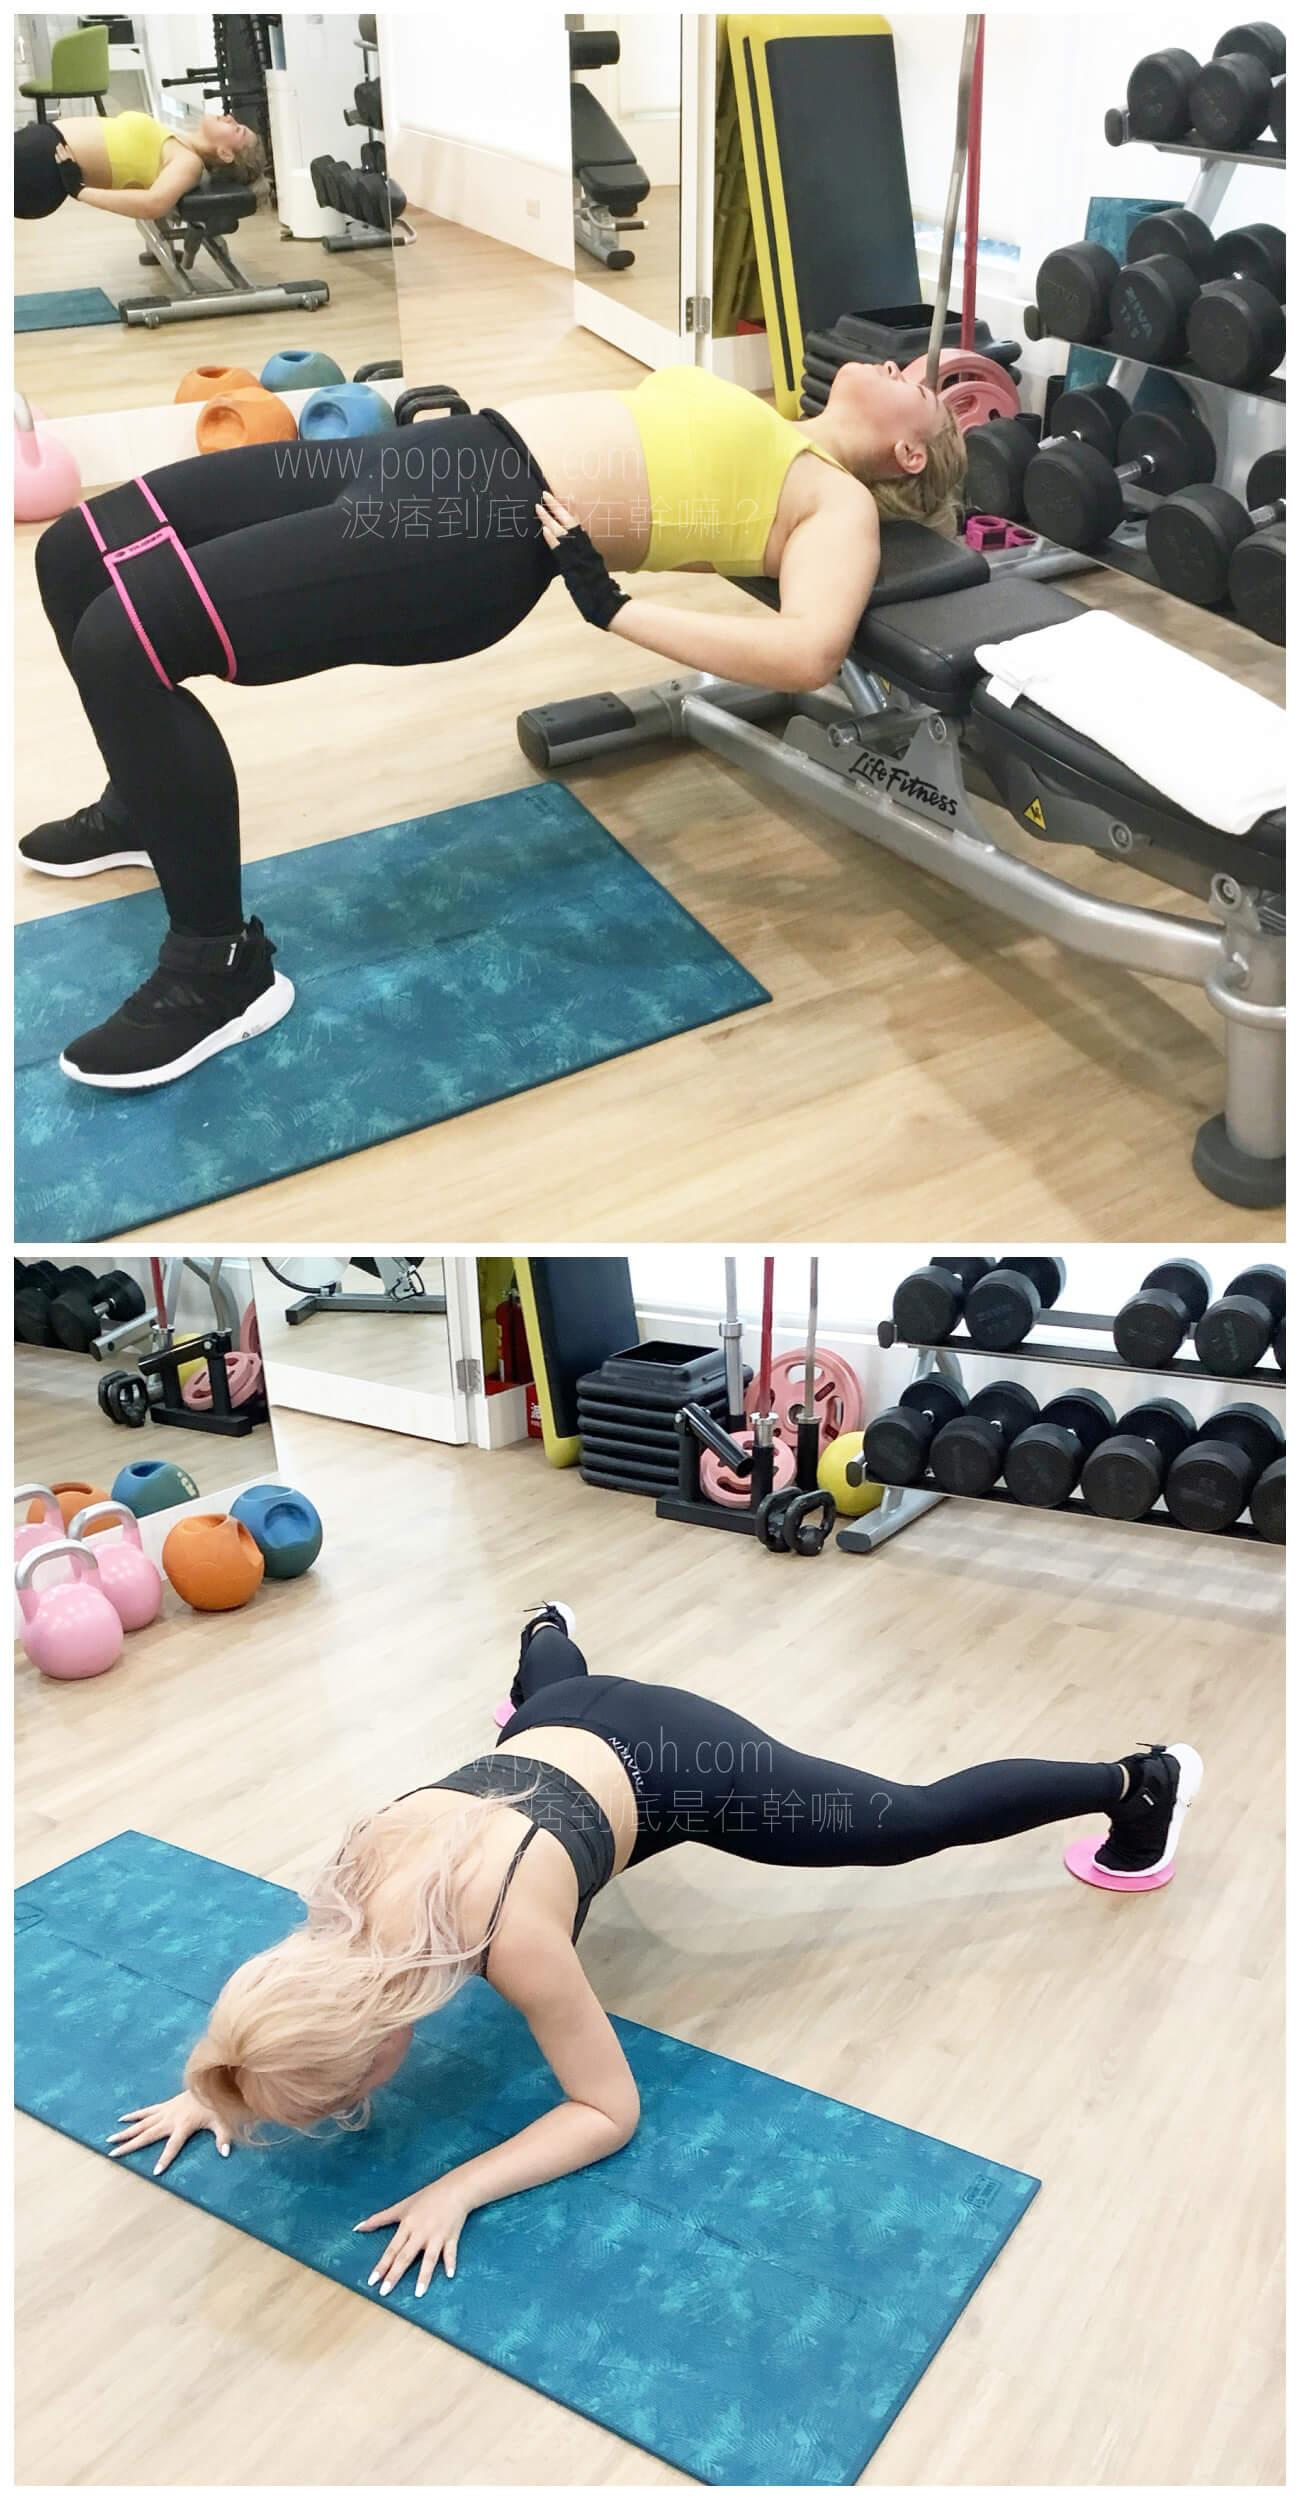 徒手 重訓 健身 工具